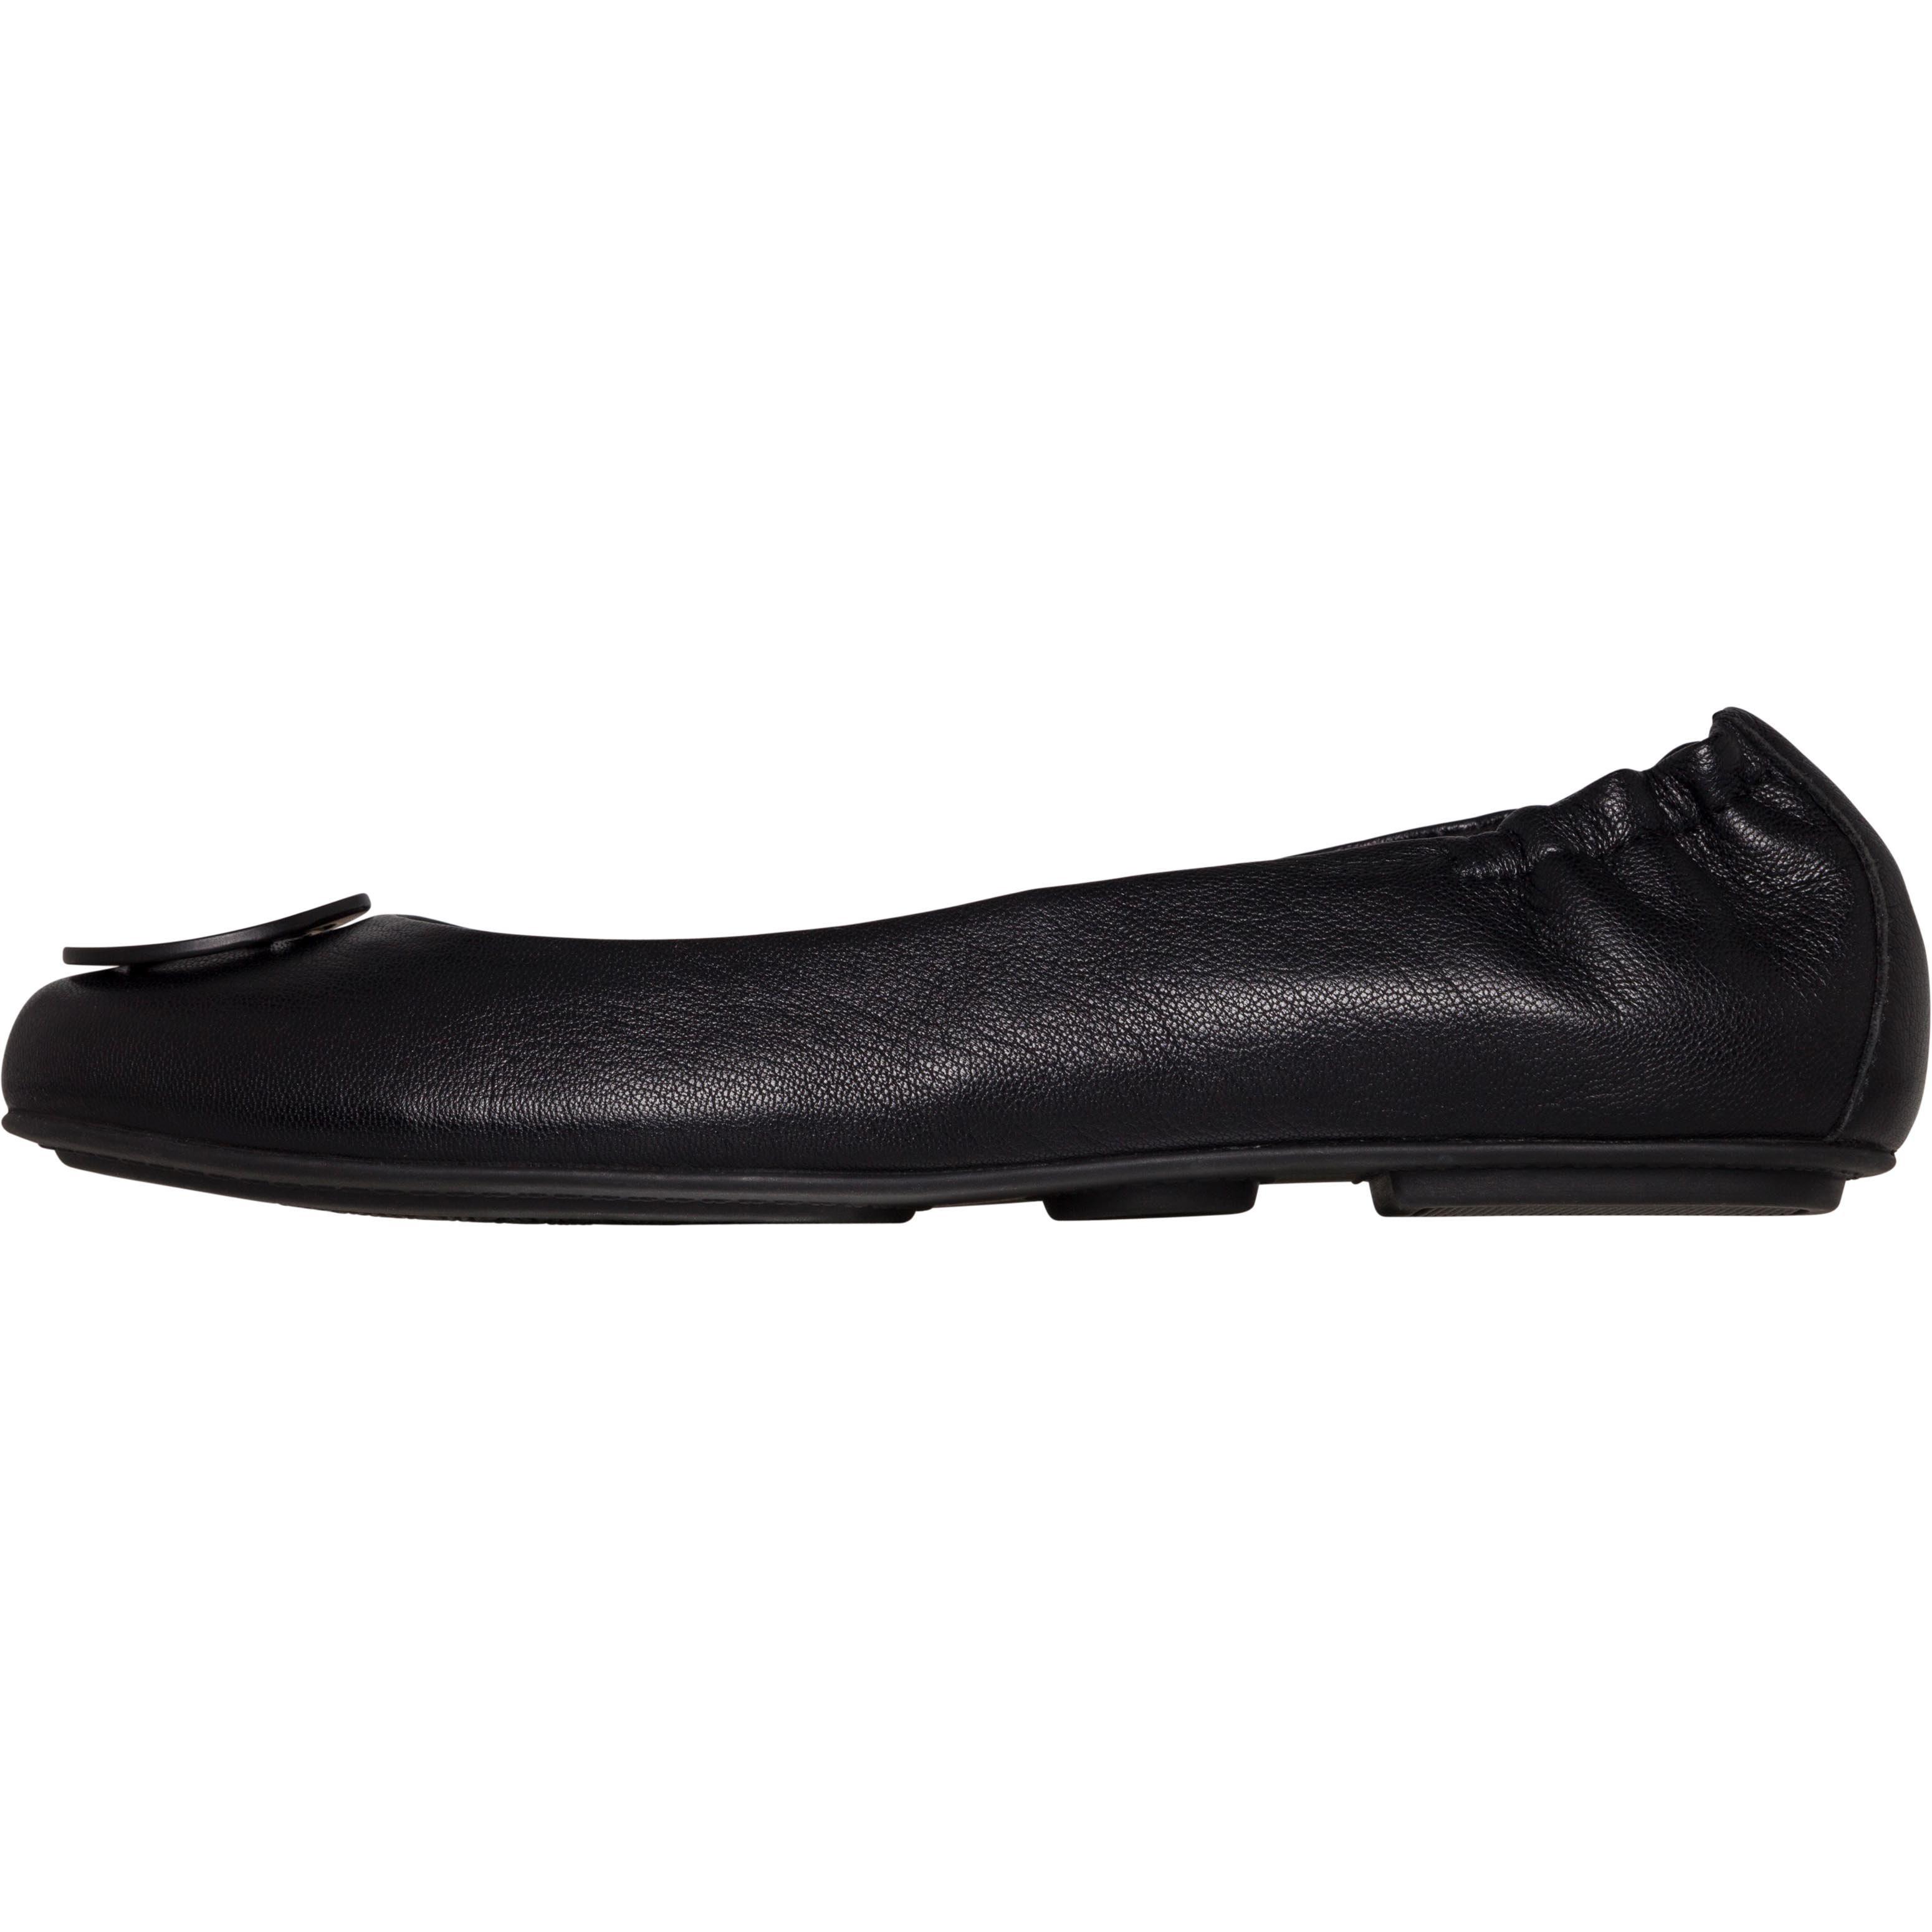 Tommy Hilfiger Flexible Leather Ballerin für Damen (schwarz / 38) 4cwskA7u